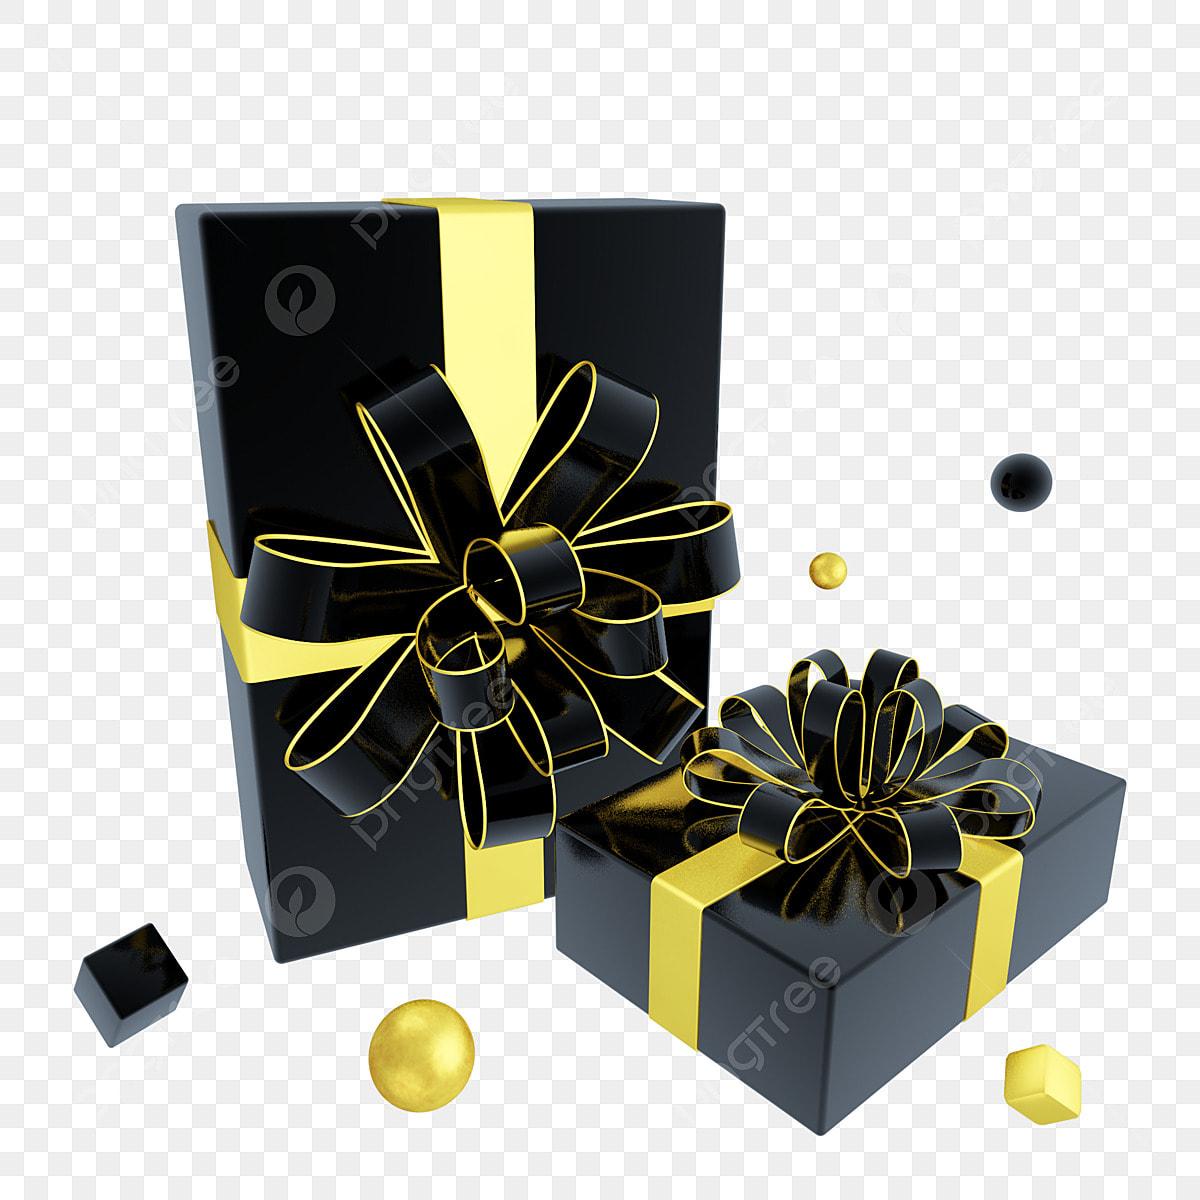 مستطيلة C4d ريح ذهبية سوداء صندوق هدايا مزخرف علبة هدايا ترويجية للعطلات كرة سوداء C4d Png وملف Psd للتحميل مجانا